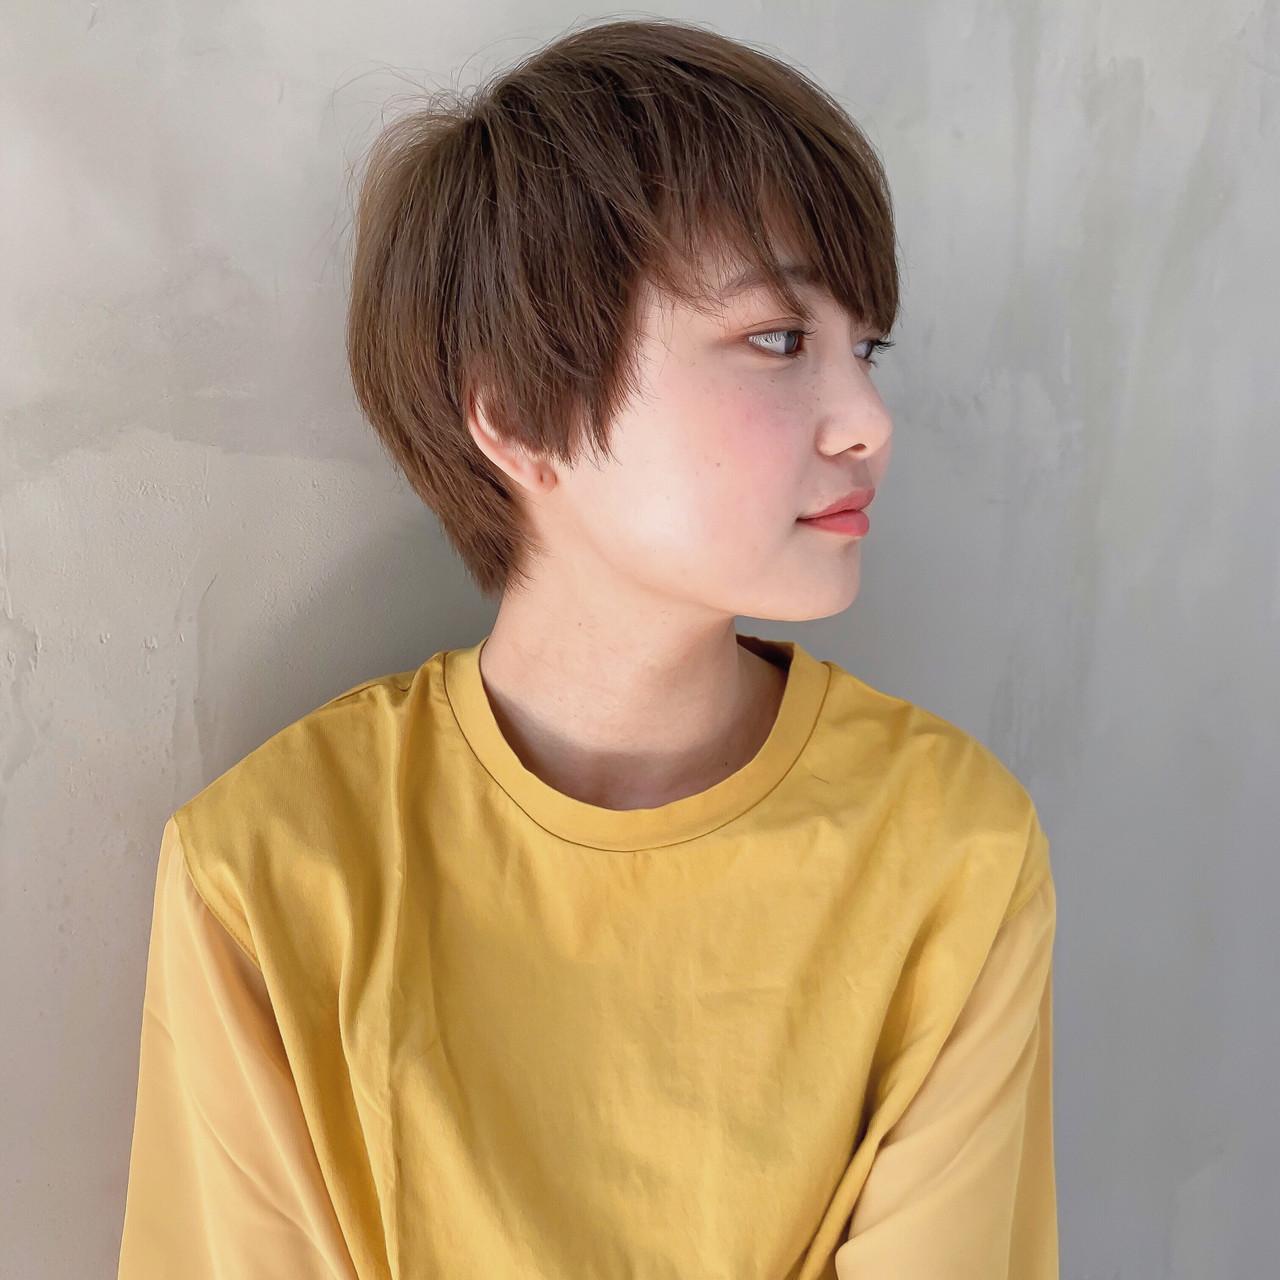 ショート コスメ・メイク ヘアカラー メイク ヘアスタイルや髪型の写真・画像